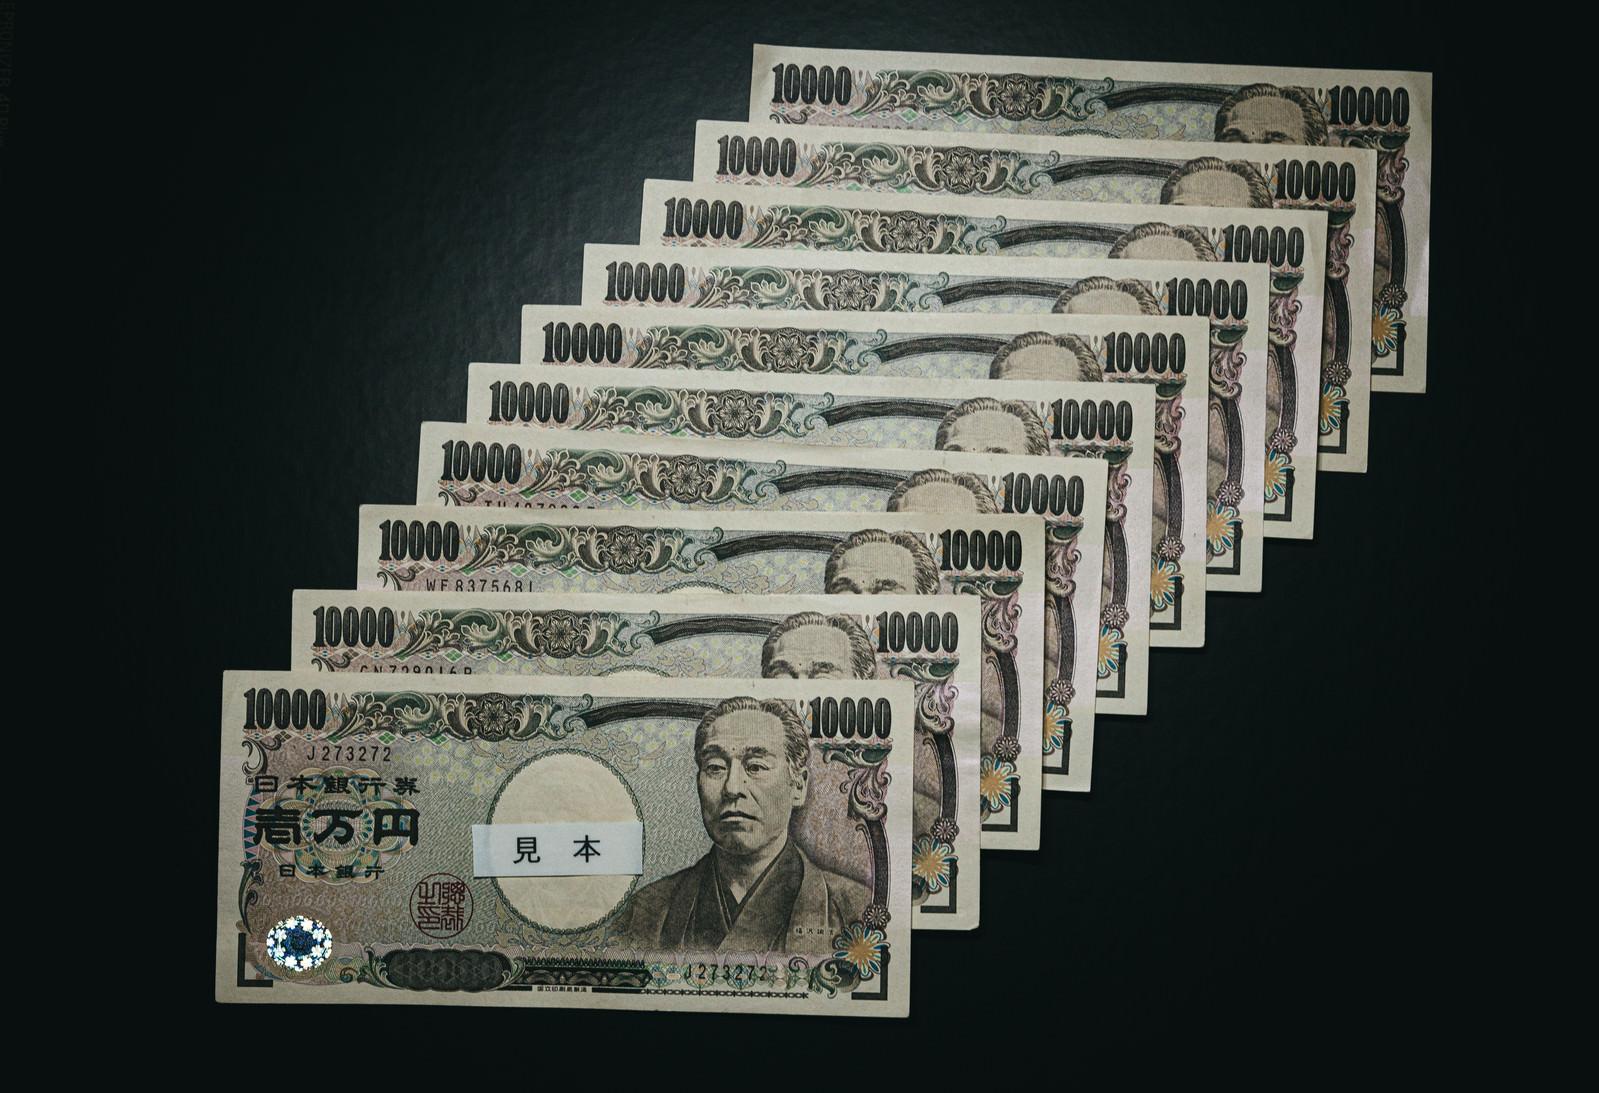 「10万円一律給付」の写真